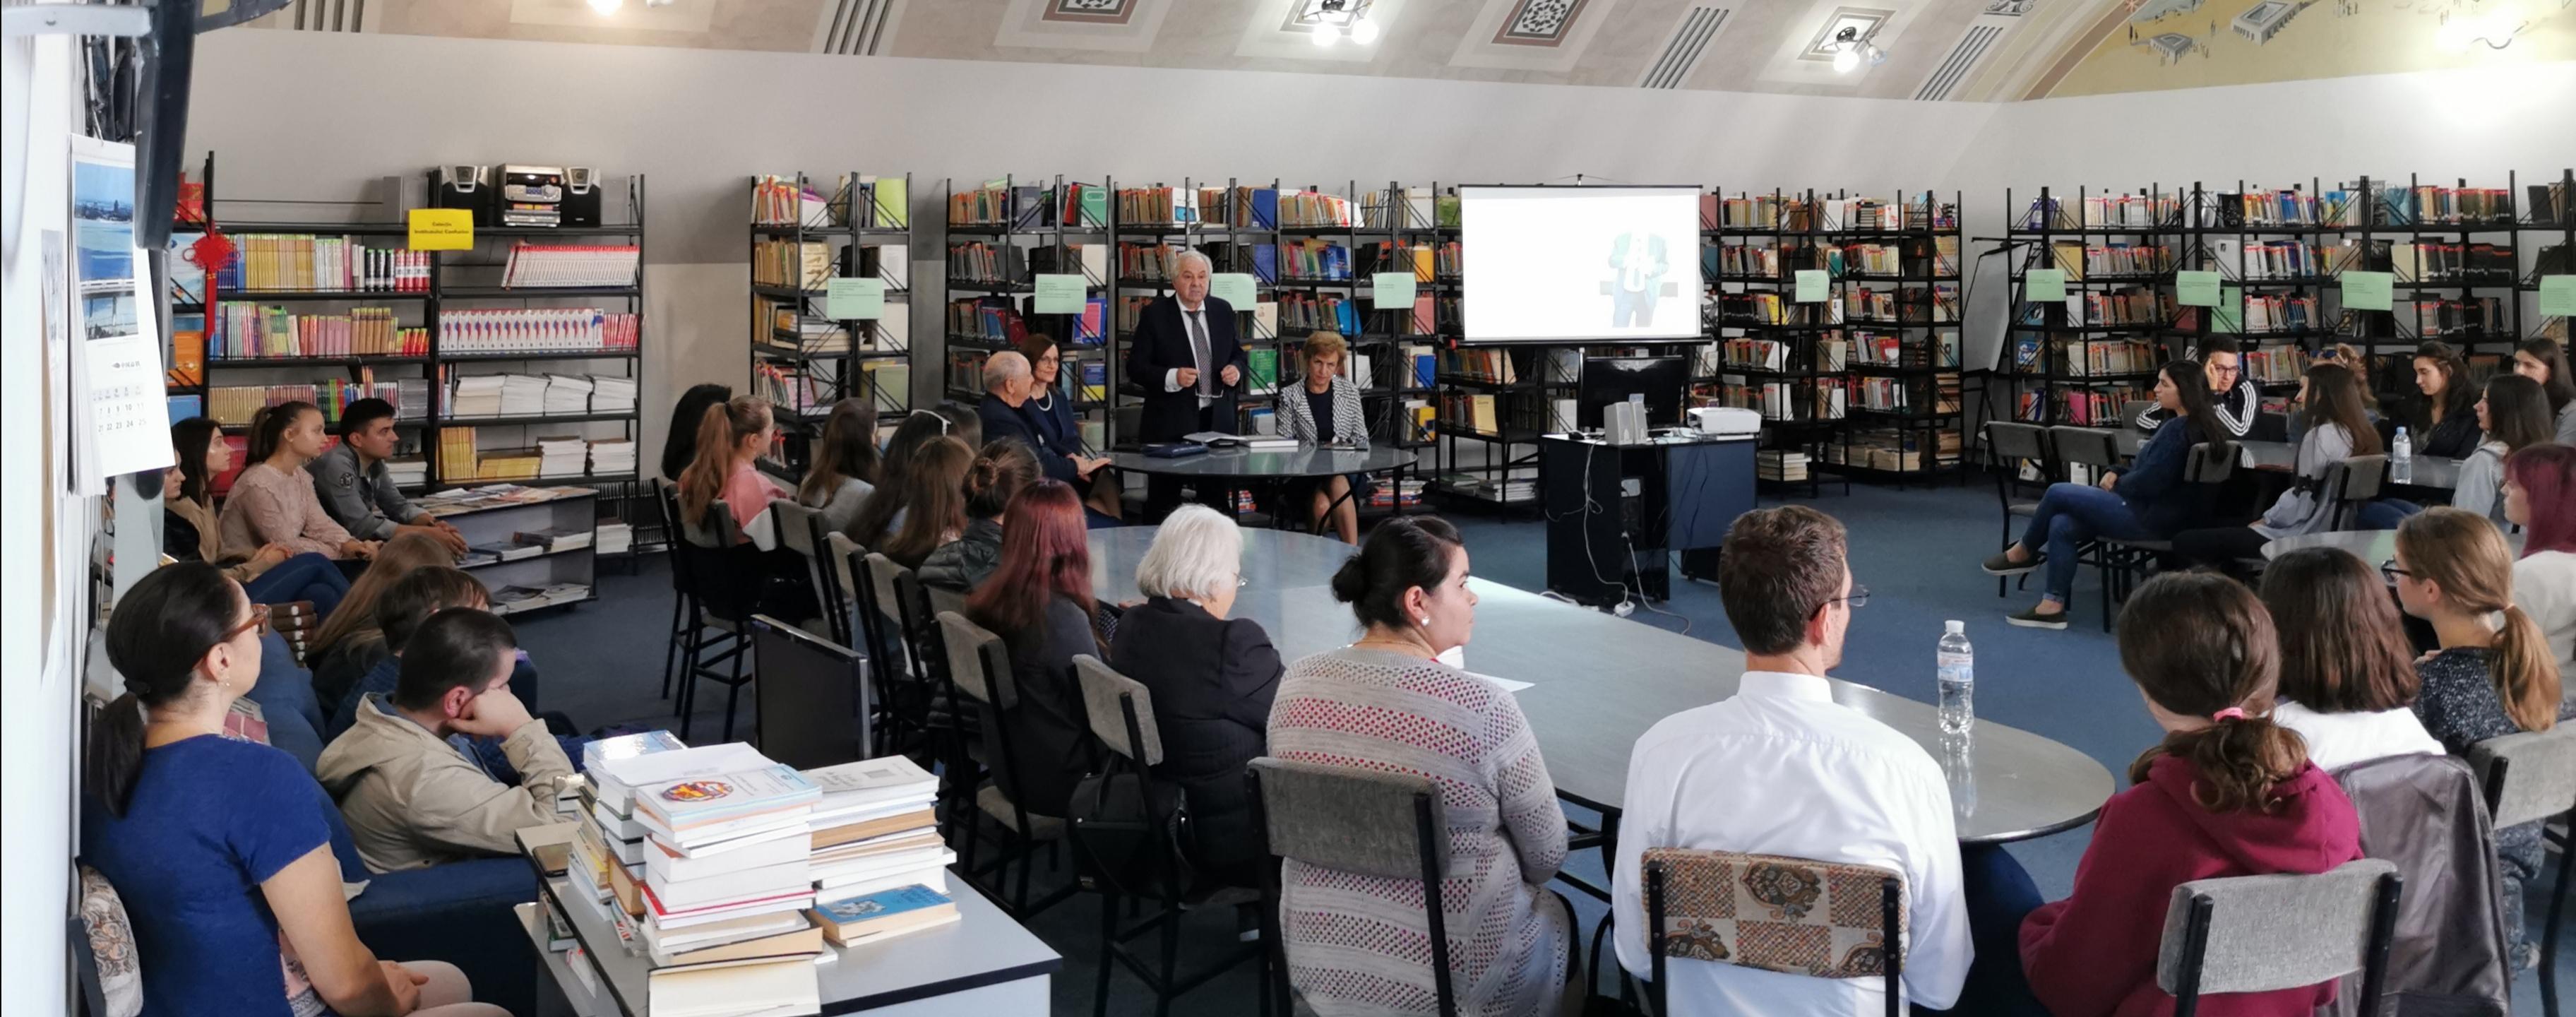 De Ziua Internațională a Traducătorului, Academicianul Valeriu Matei, în dialog plurilingv cu studenții Facultății de Litere